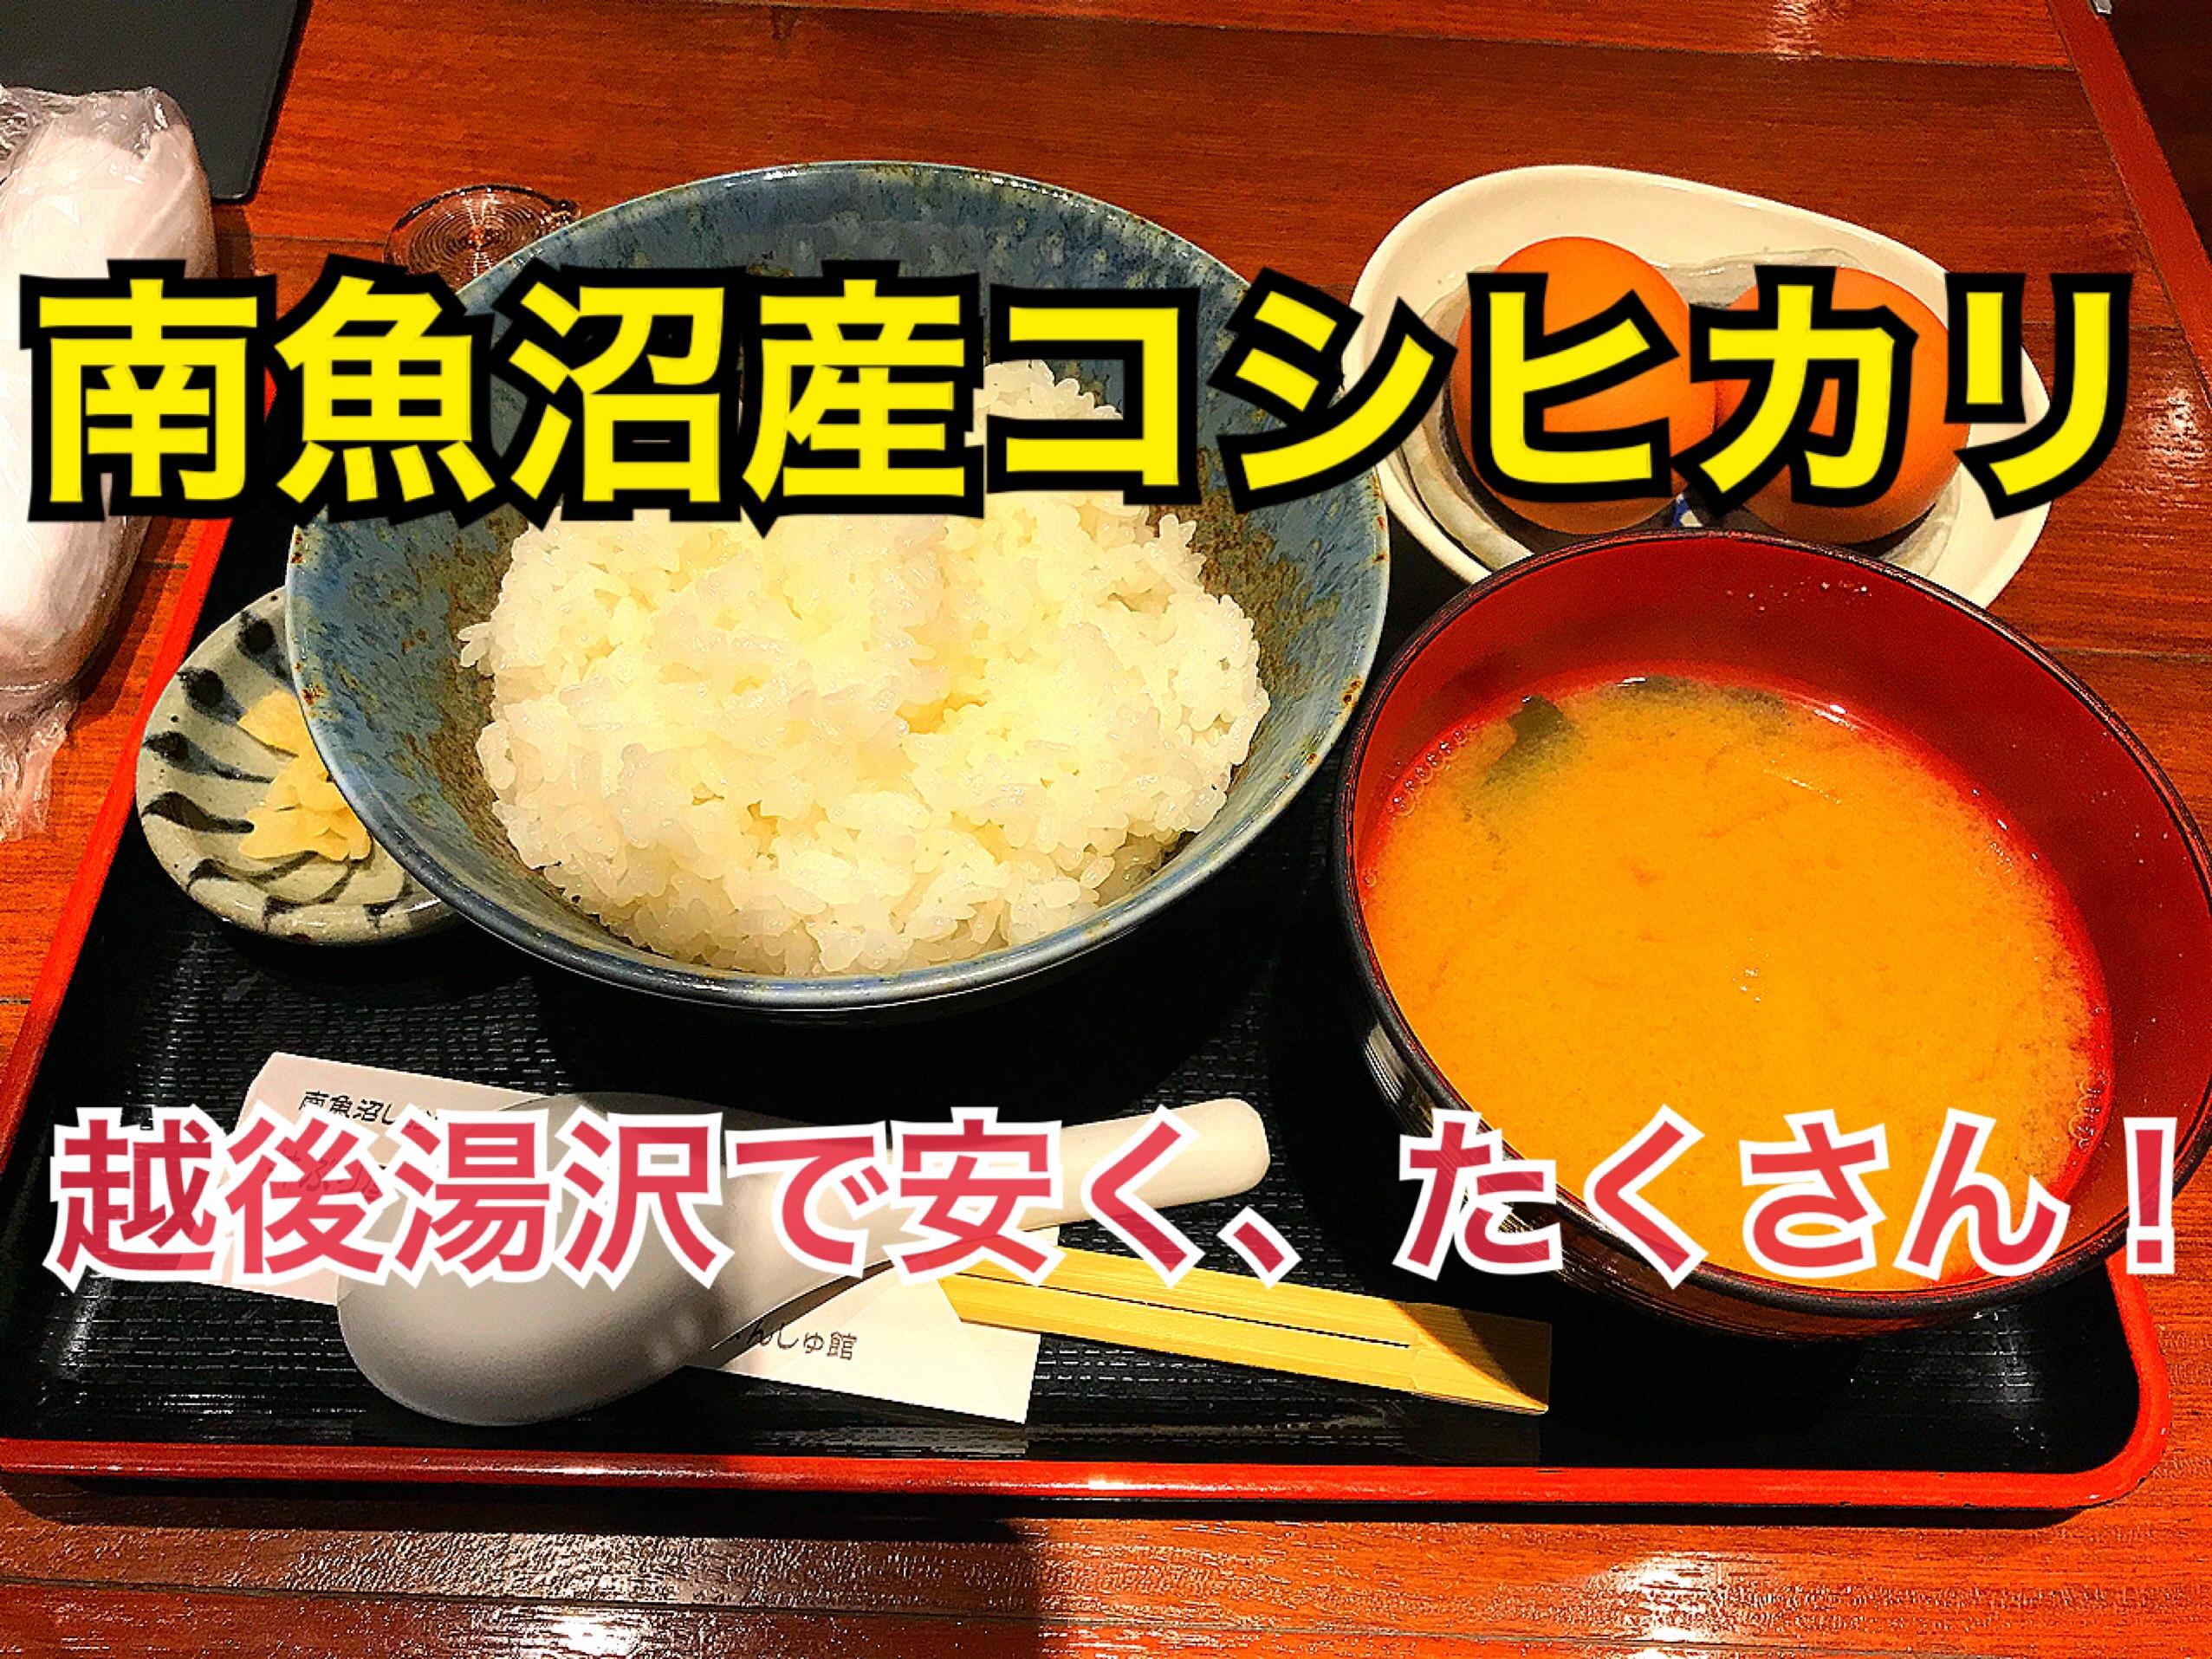 越後湯沢駅で南魚沼産コシヒカリをお腹いっぱい!オススメのお店を紹介!【日帰り新潟ツアー】